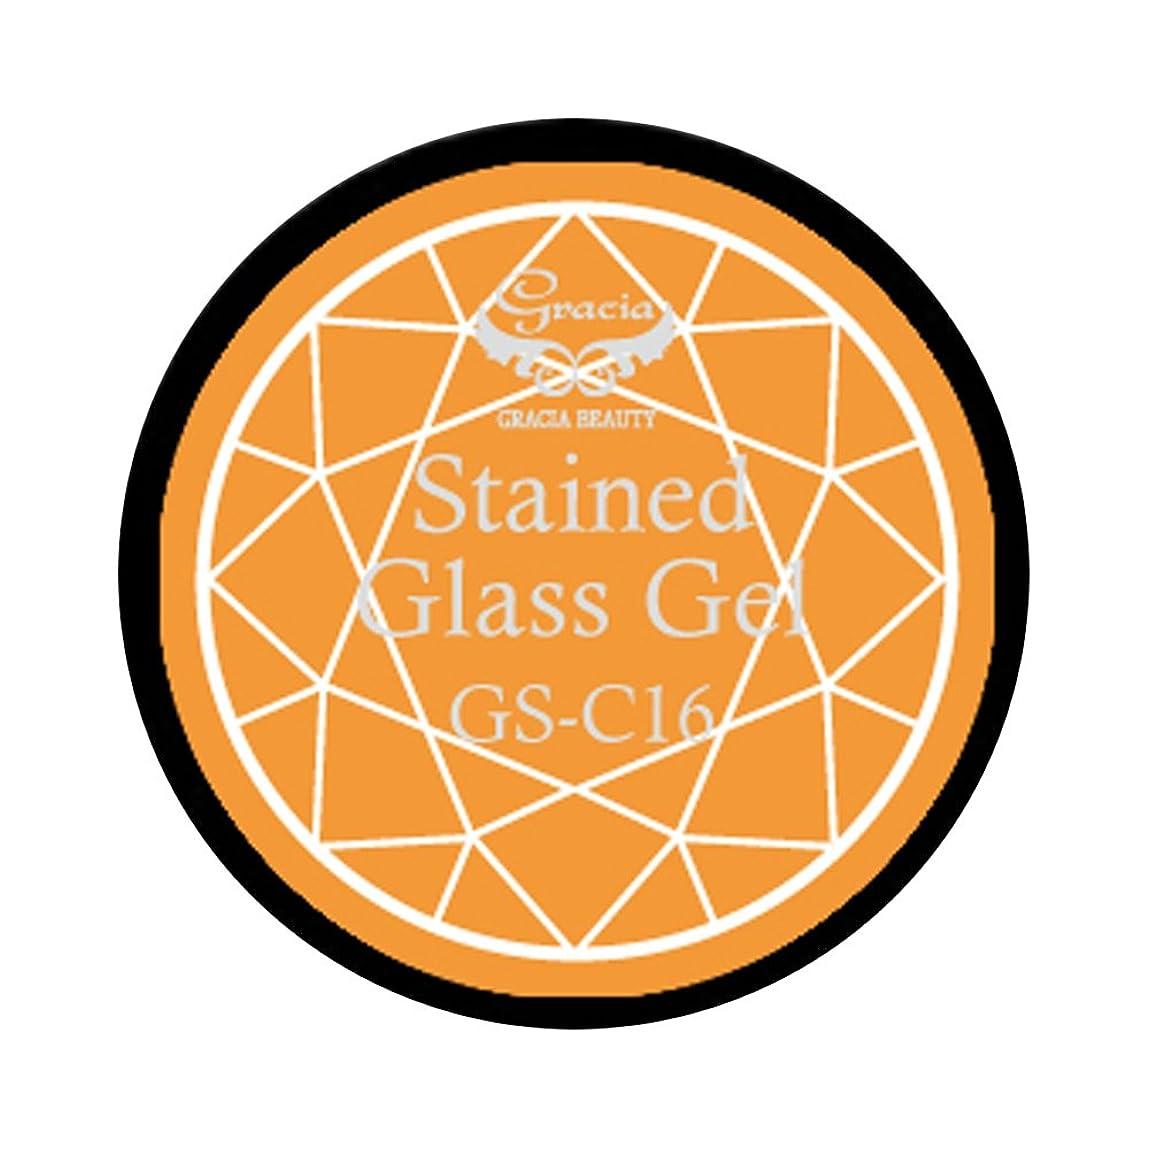 普通の敬意を表して狂うグラシア ジェルネイル ステンドグラスジェル GSM-C16 3g  クリア UV/LED対応 カラージェル ソークオフジェル ガラスのような透明感